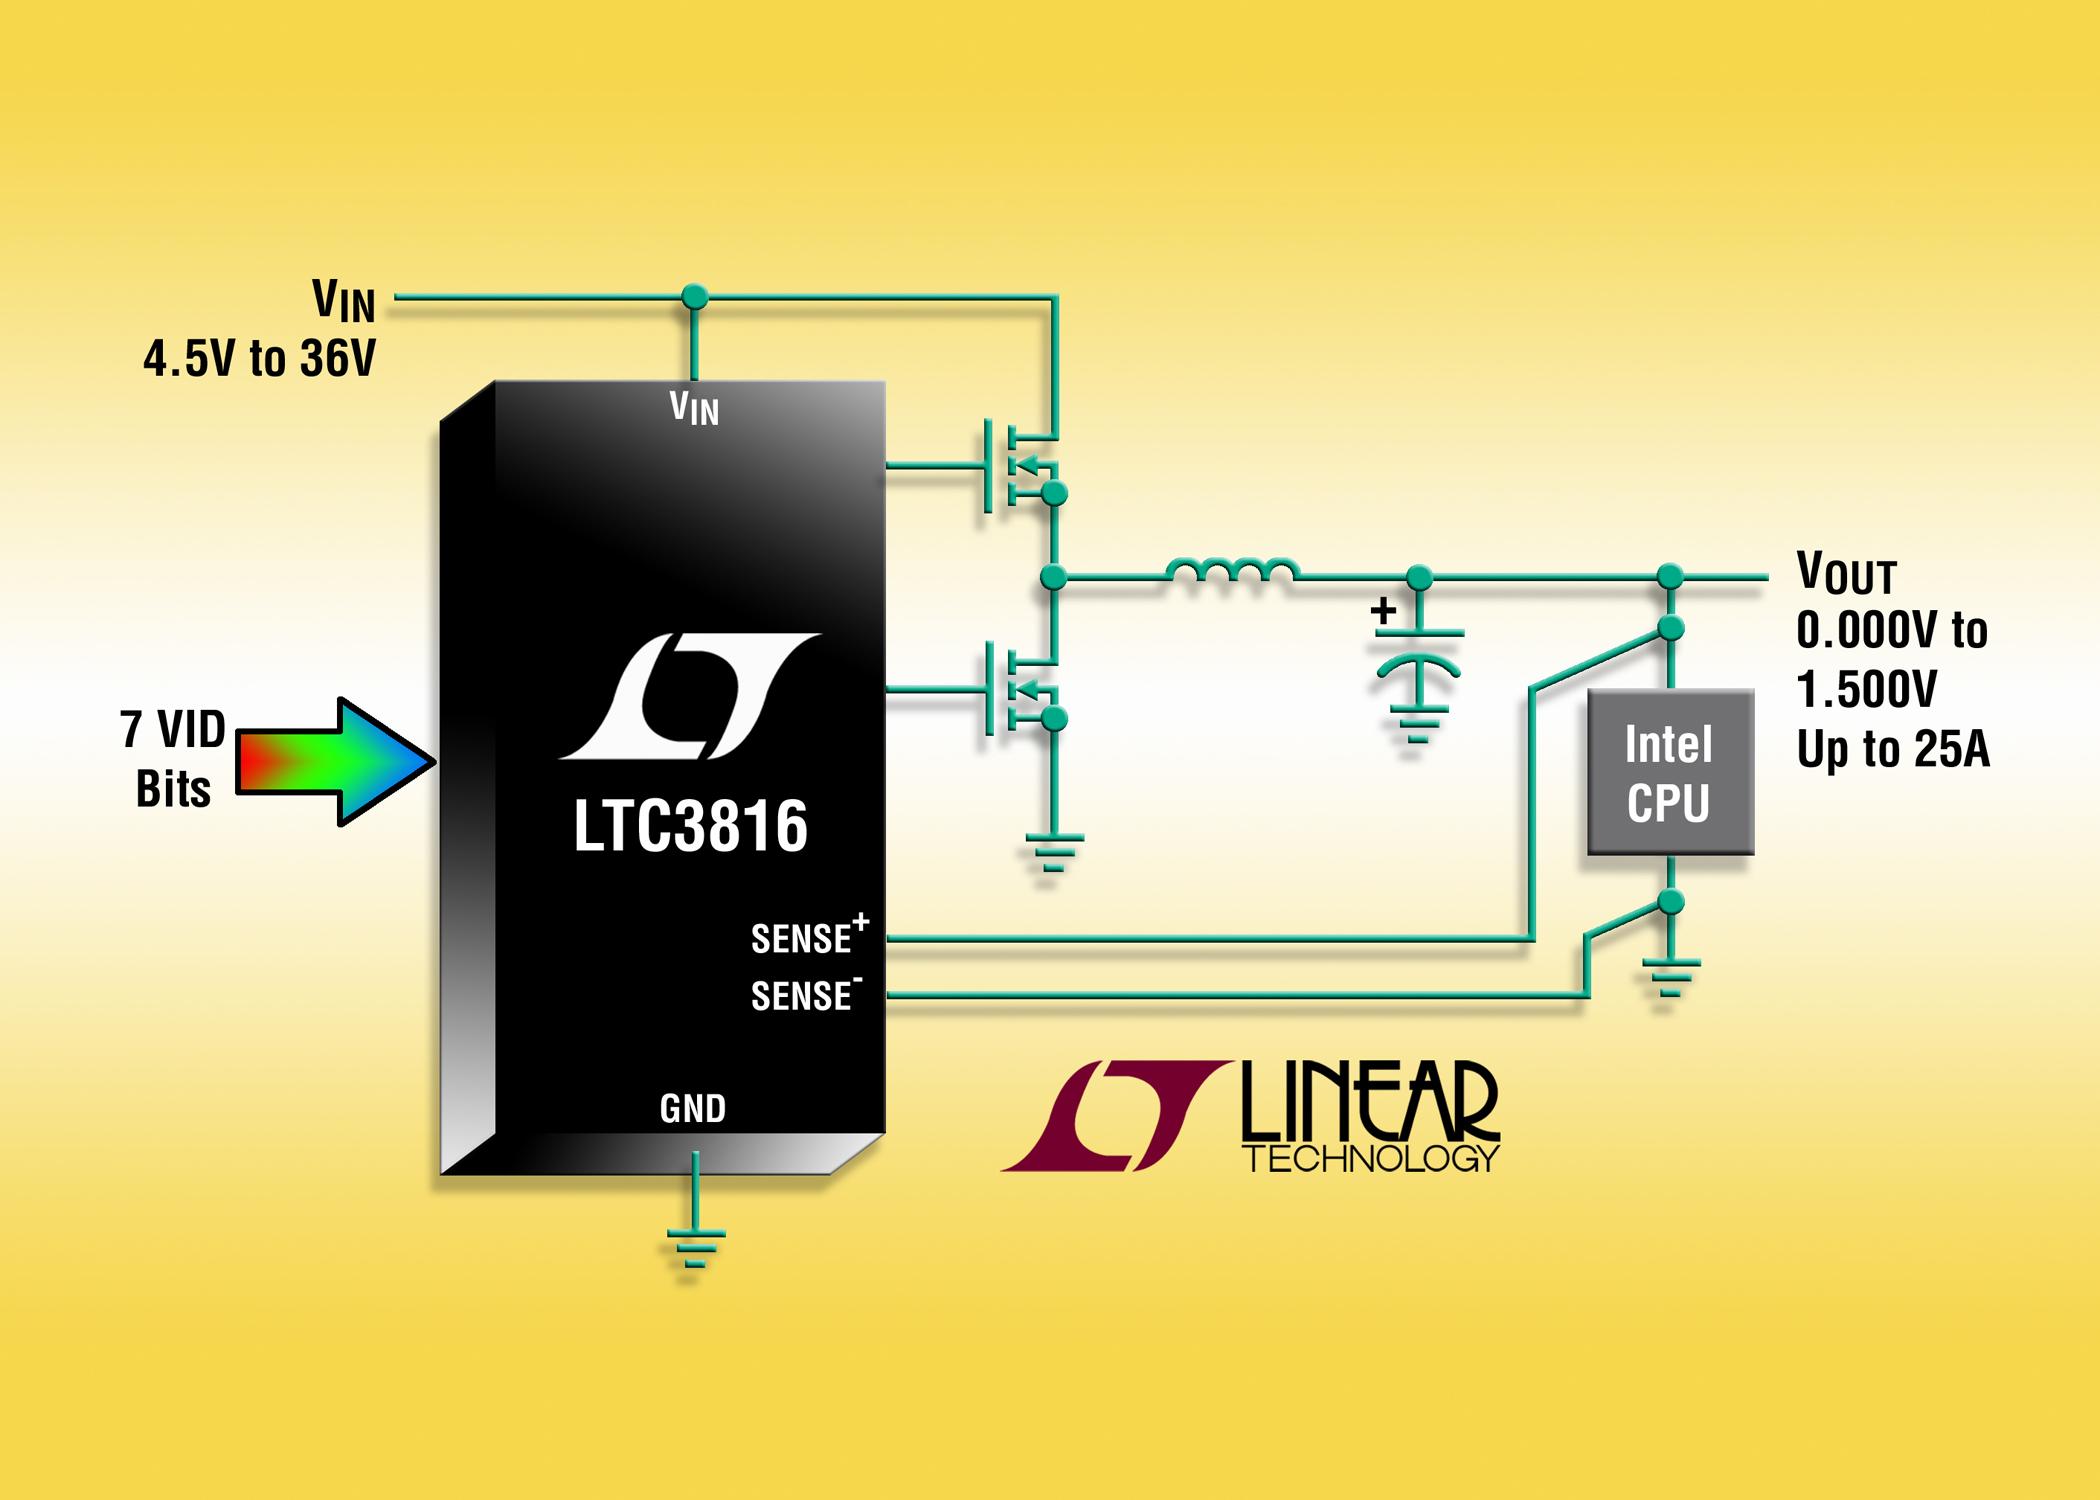 照片说明: 单相 IMVP-6/6.5 DC/DC 控制